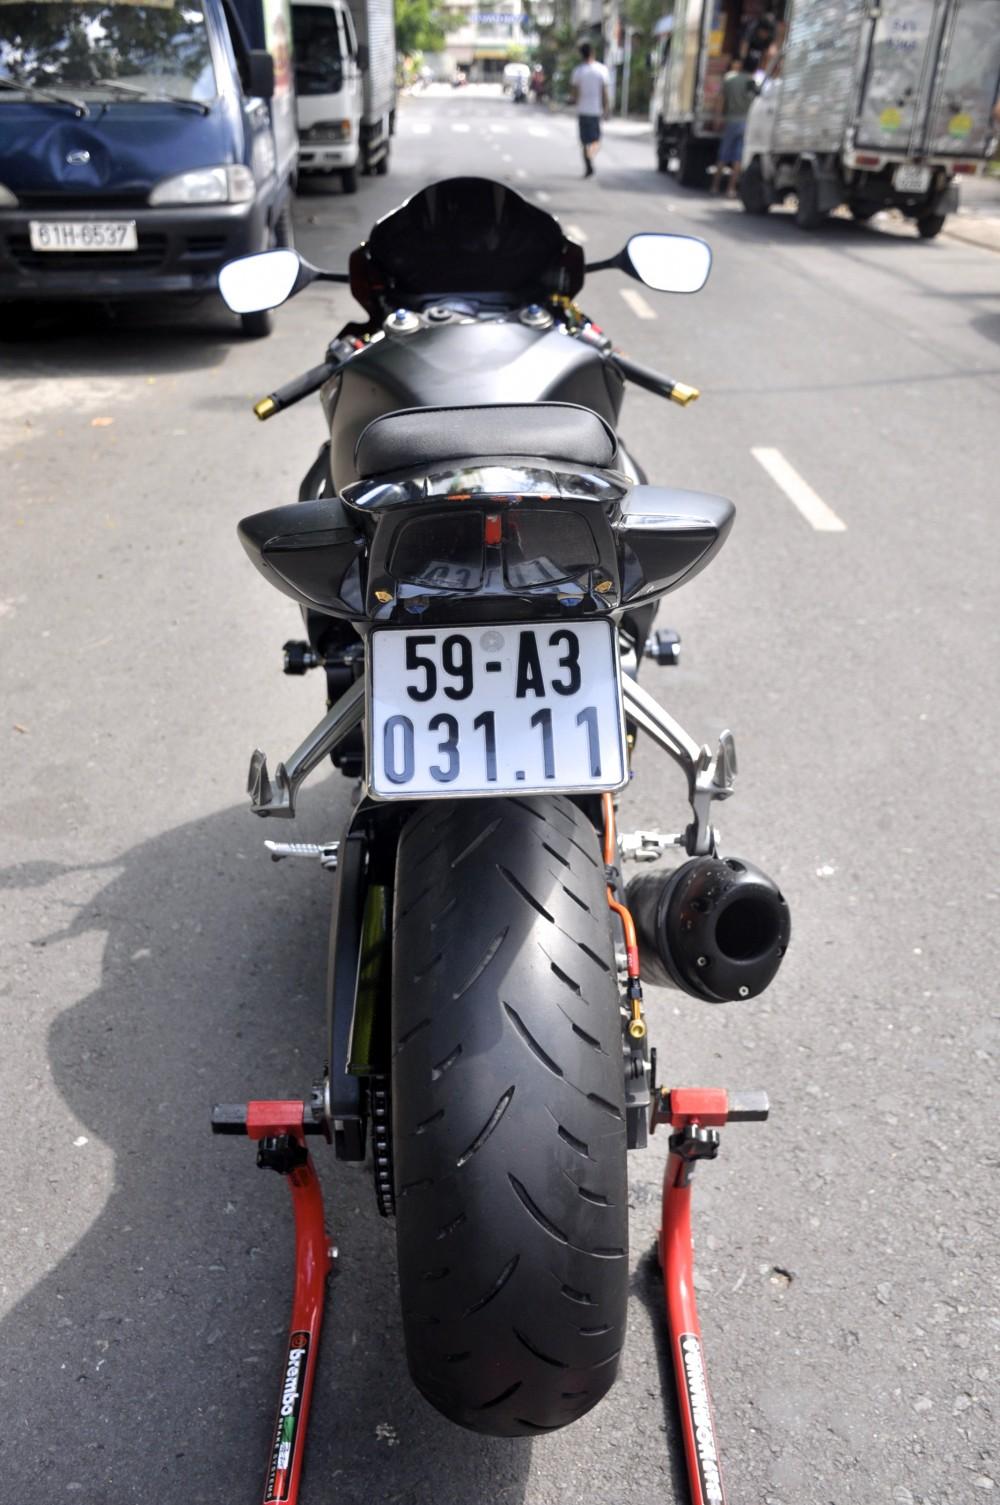 Ban GSX R600 2007Dk 2014 TLHQ Sang Ten Chuyen Vung Toan Quoc - 2